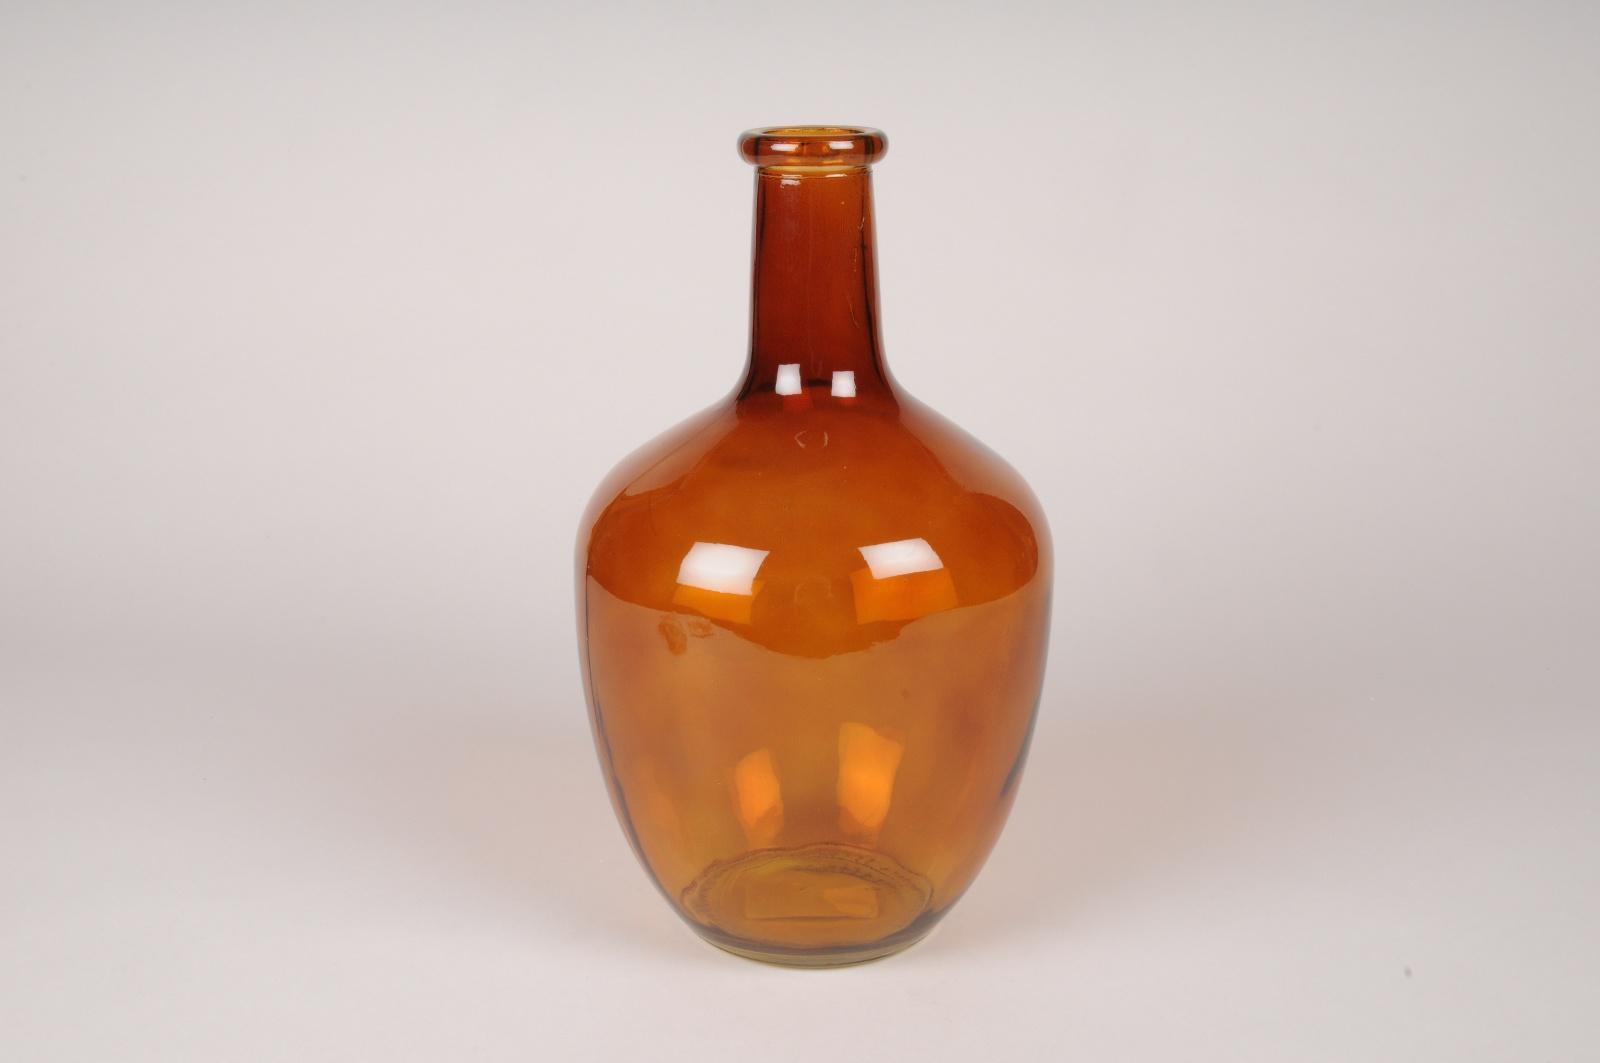 A066NH Vase bouteille en verre ambre D17cm H30cm